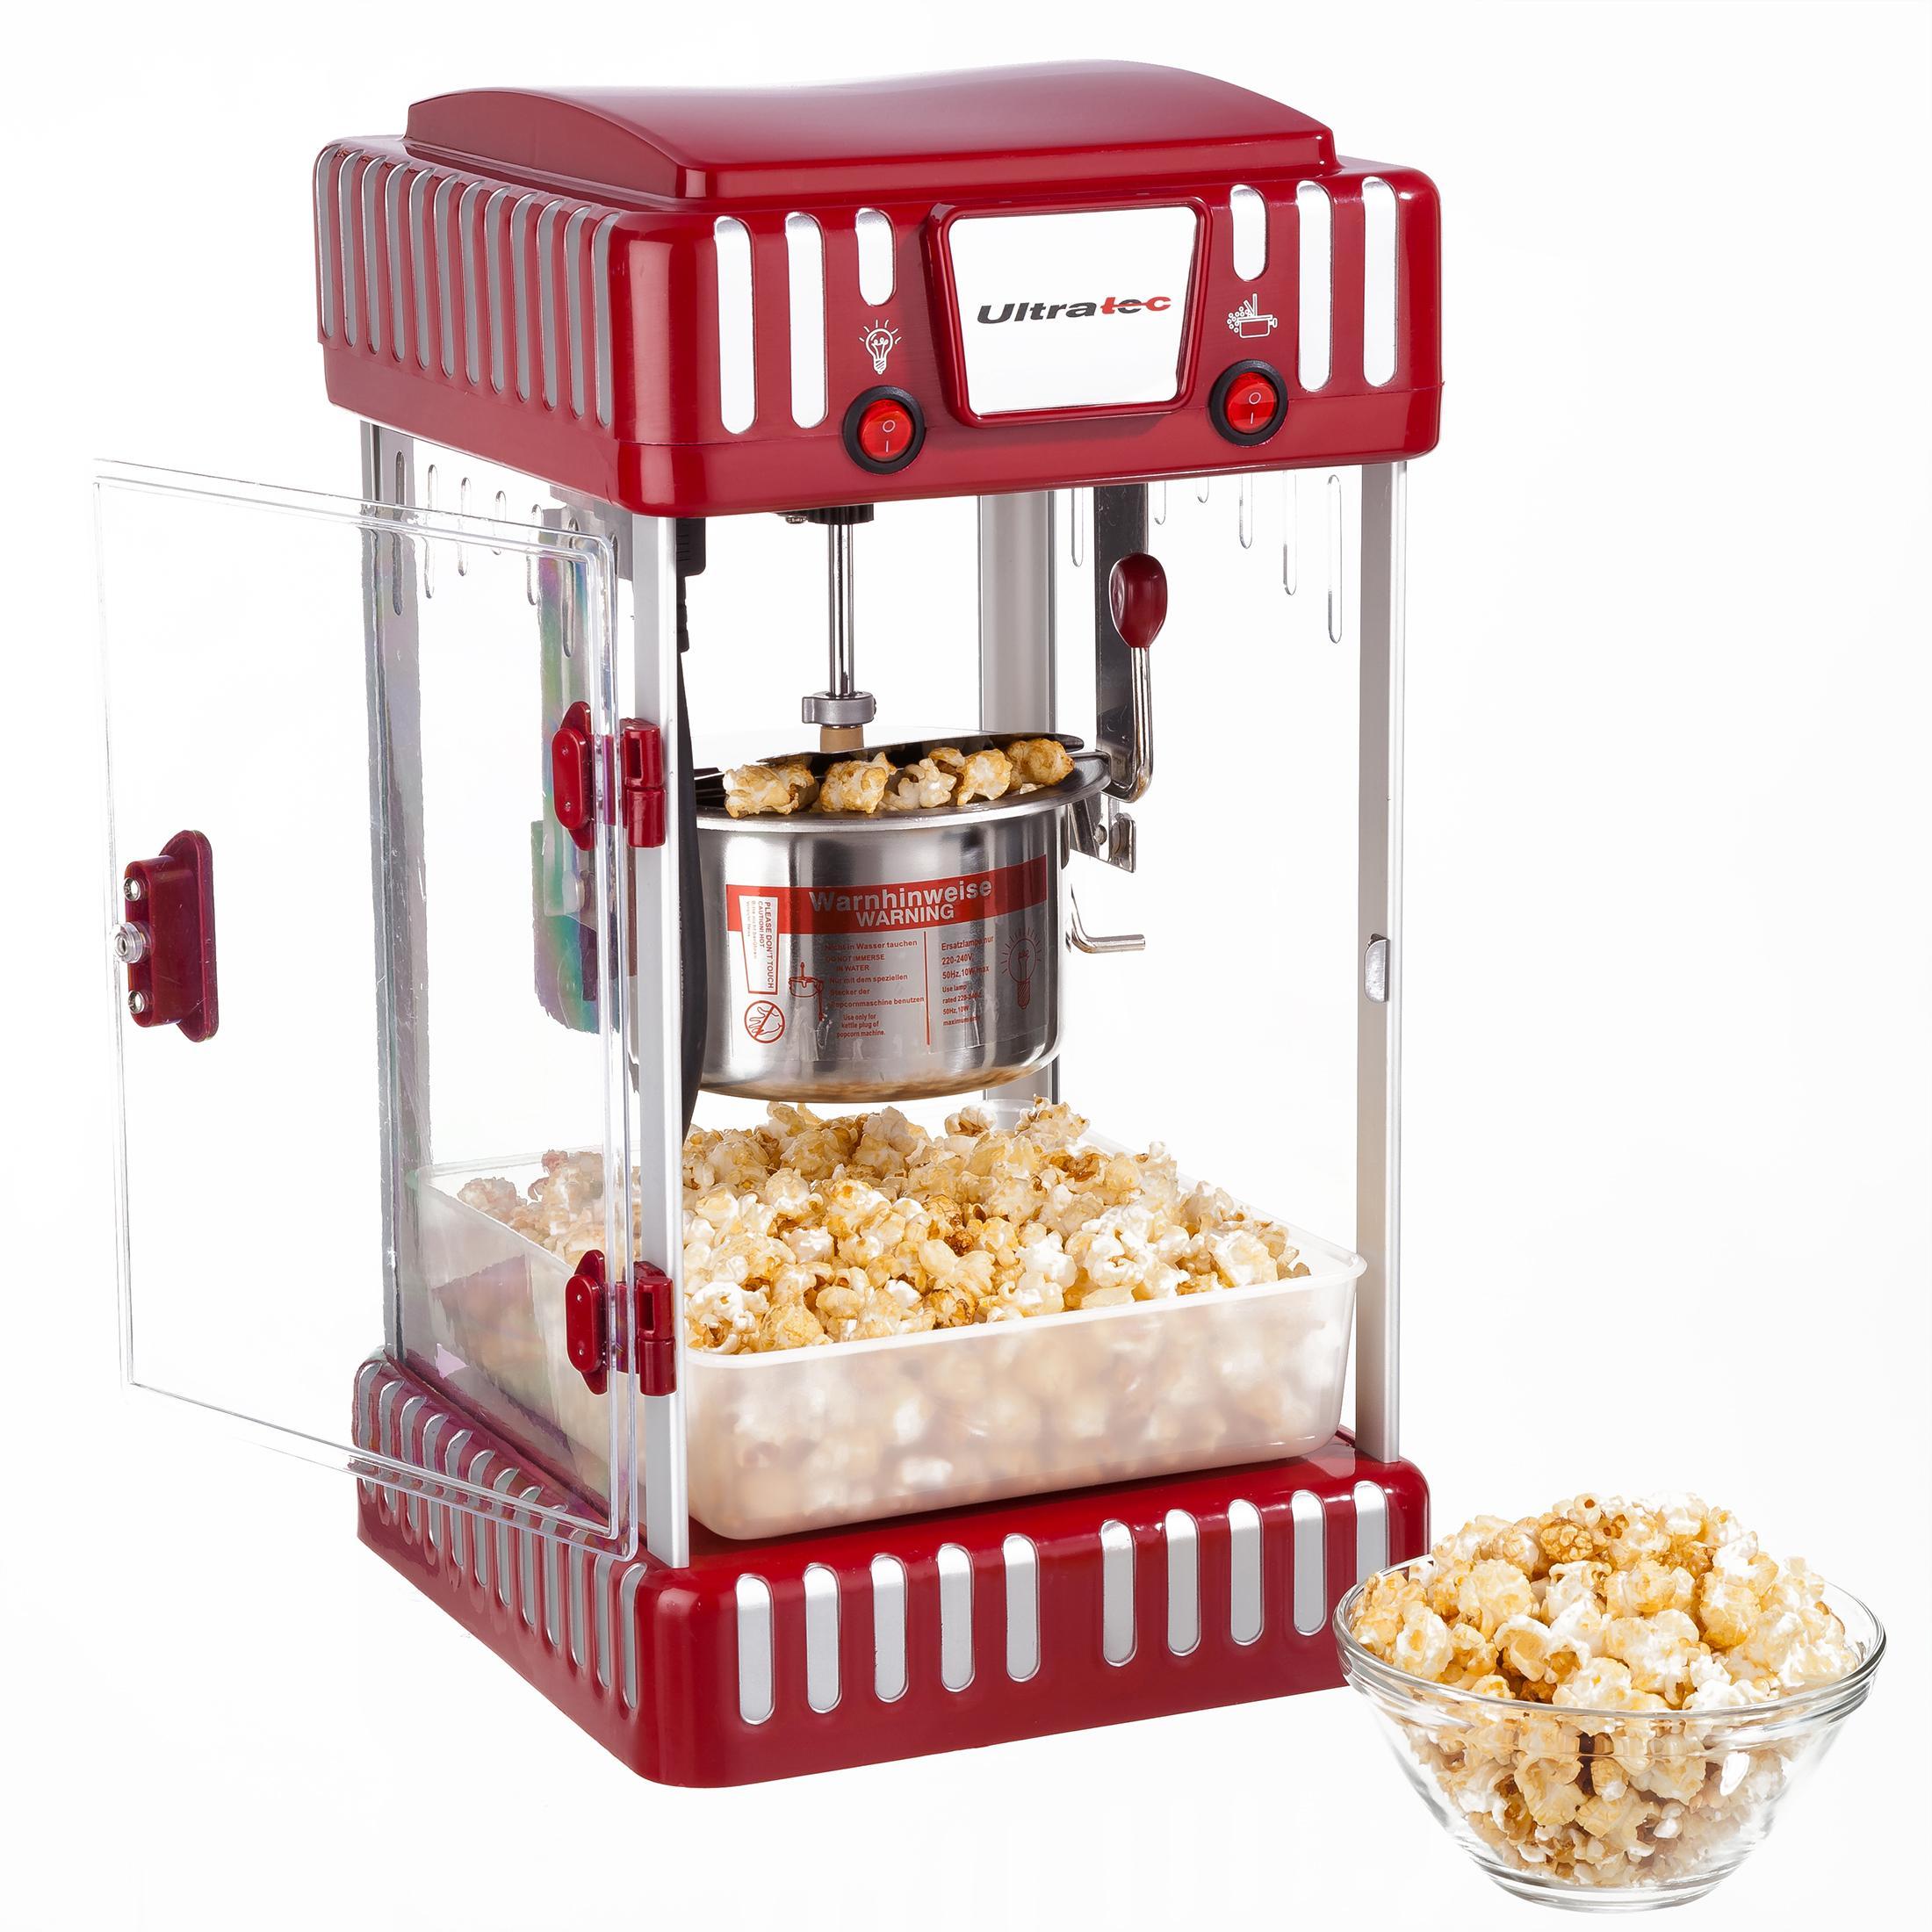 83c748b99fb7a1 Ultratec Machine à pop corn rétro avec casserole en acier inoxydable